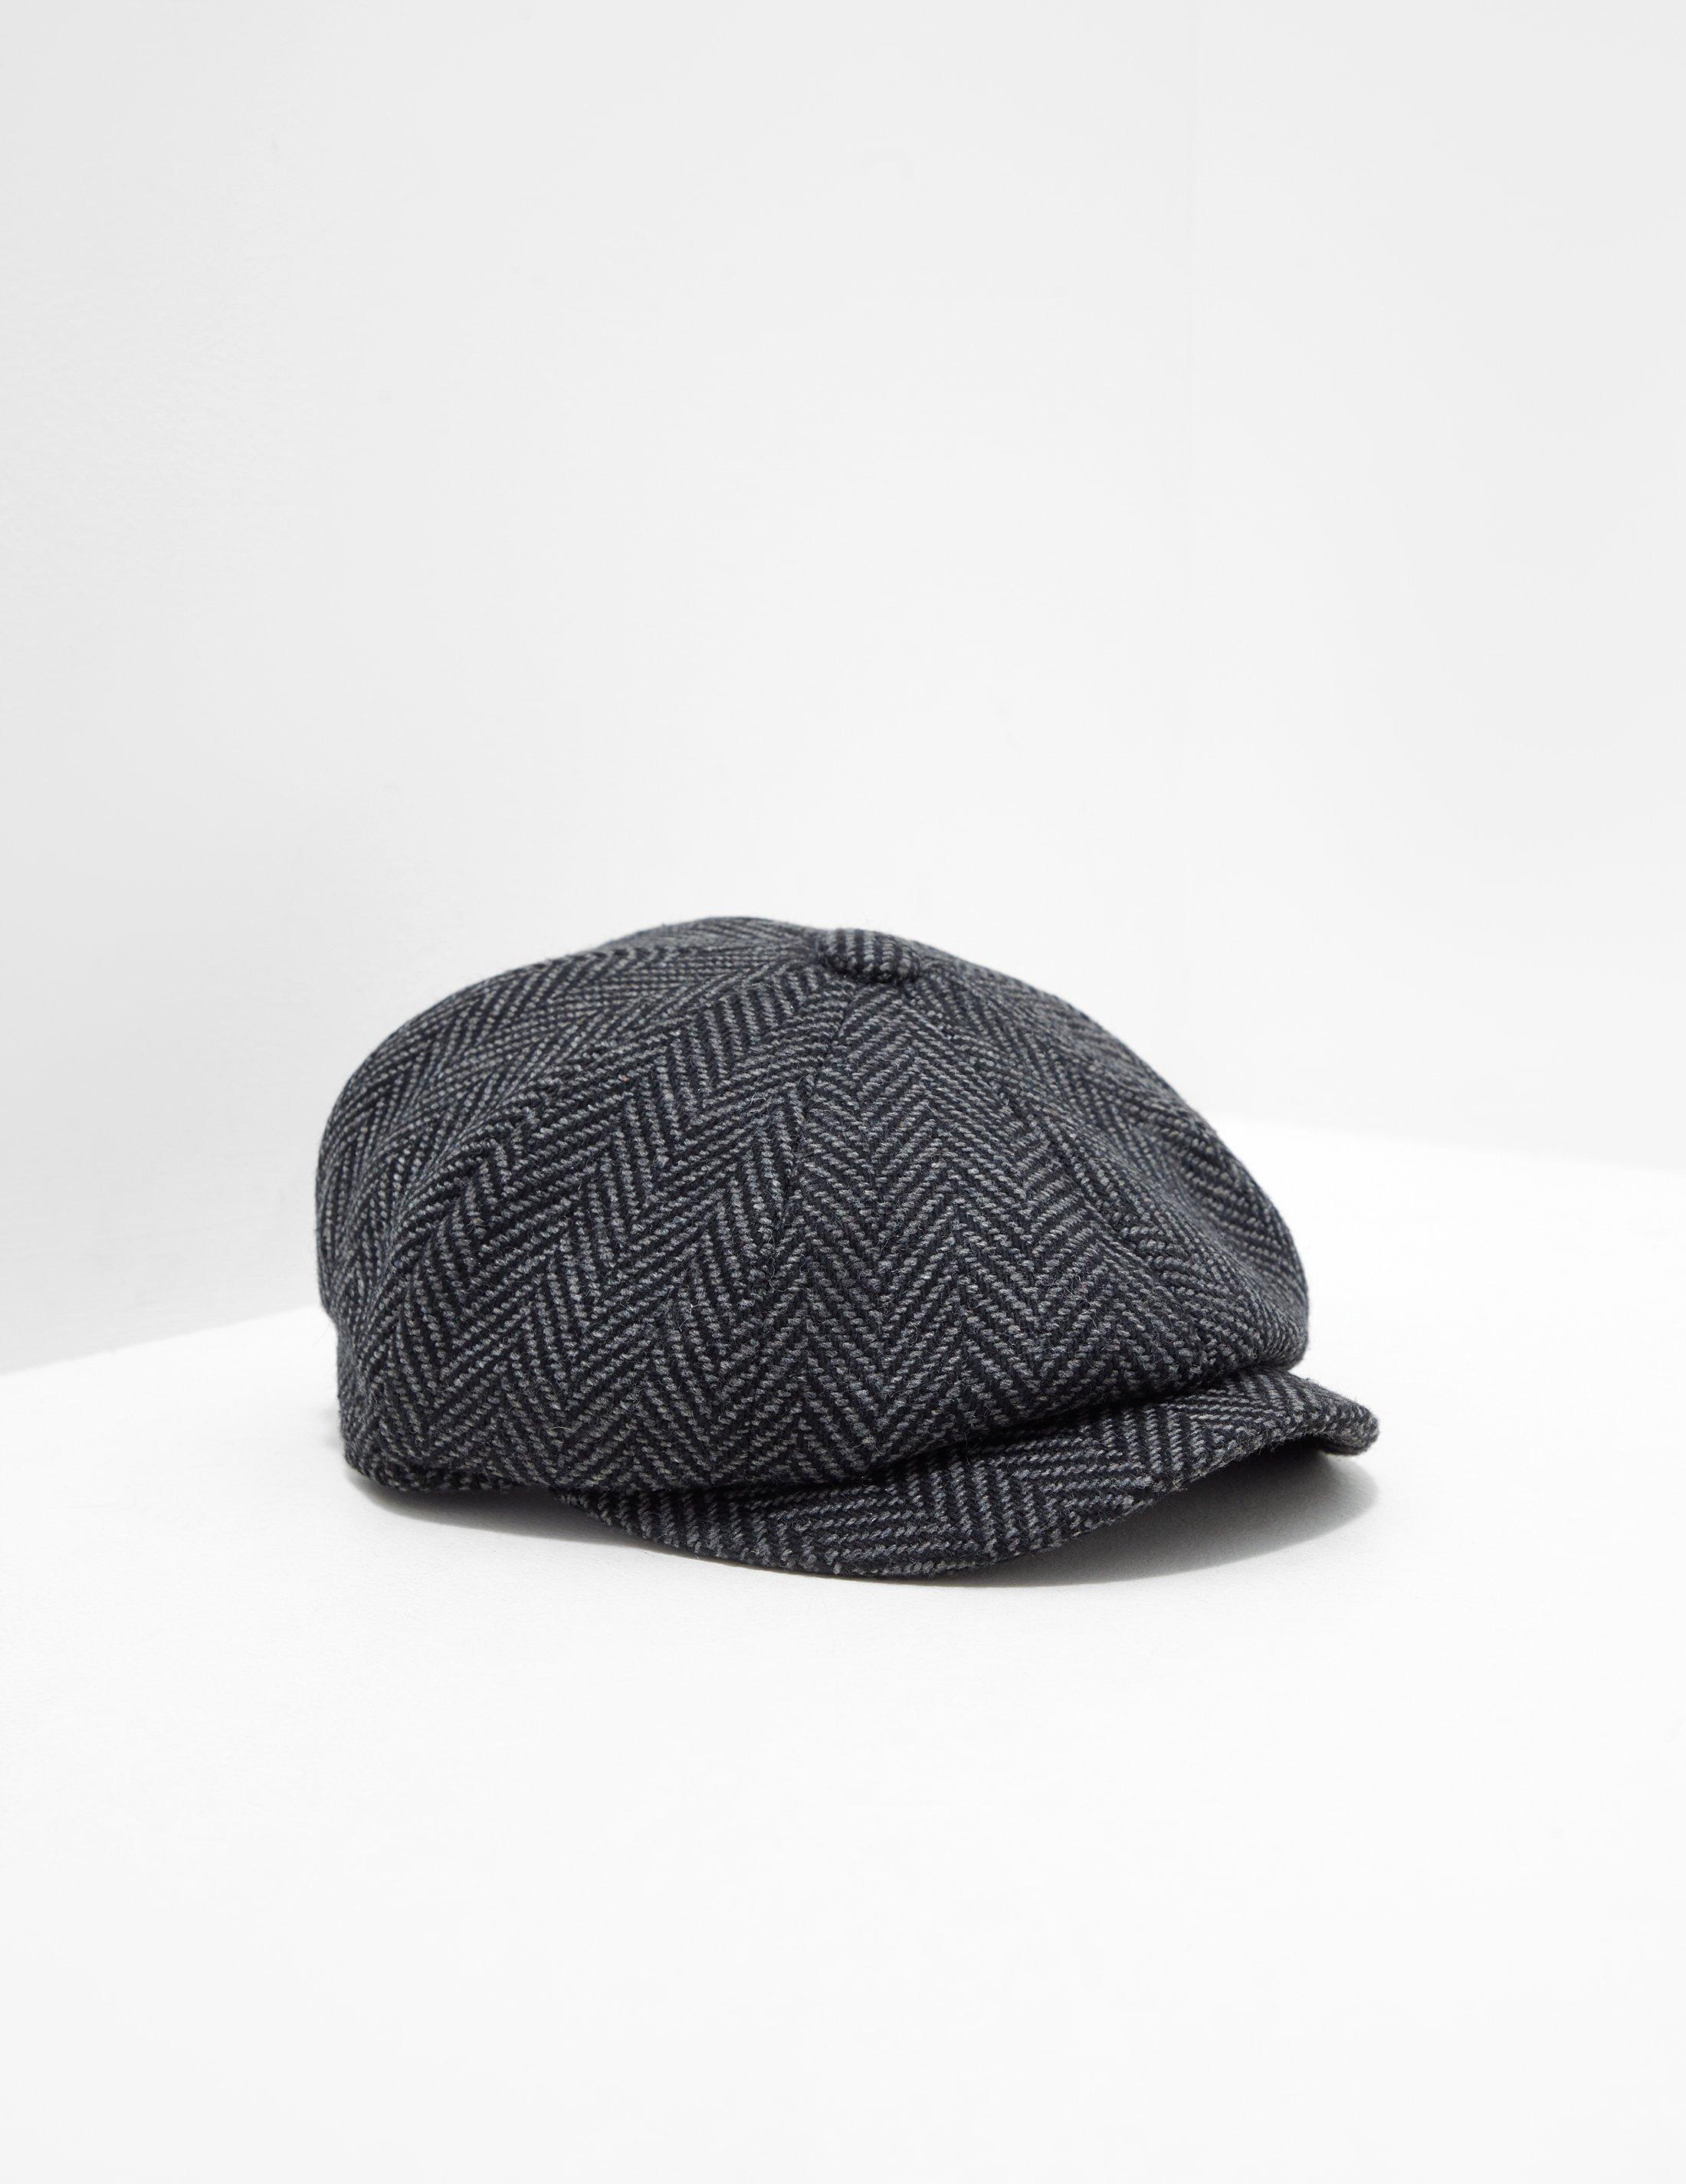 07a02198510 Barbour Mens Herringbone Tweed Baker Boy Hat - Online Exclusive Grey ...